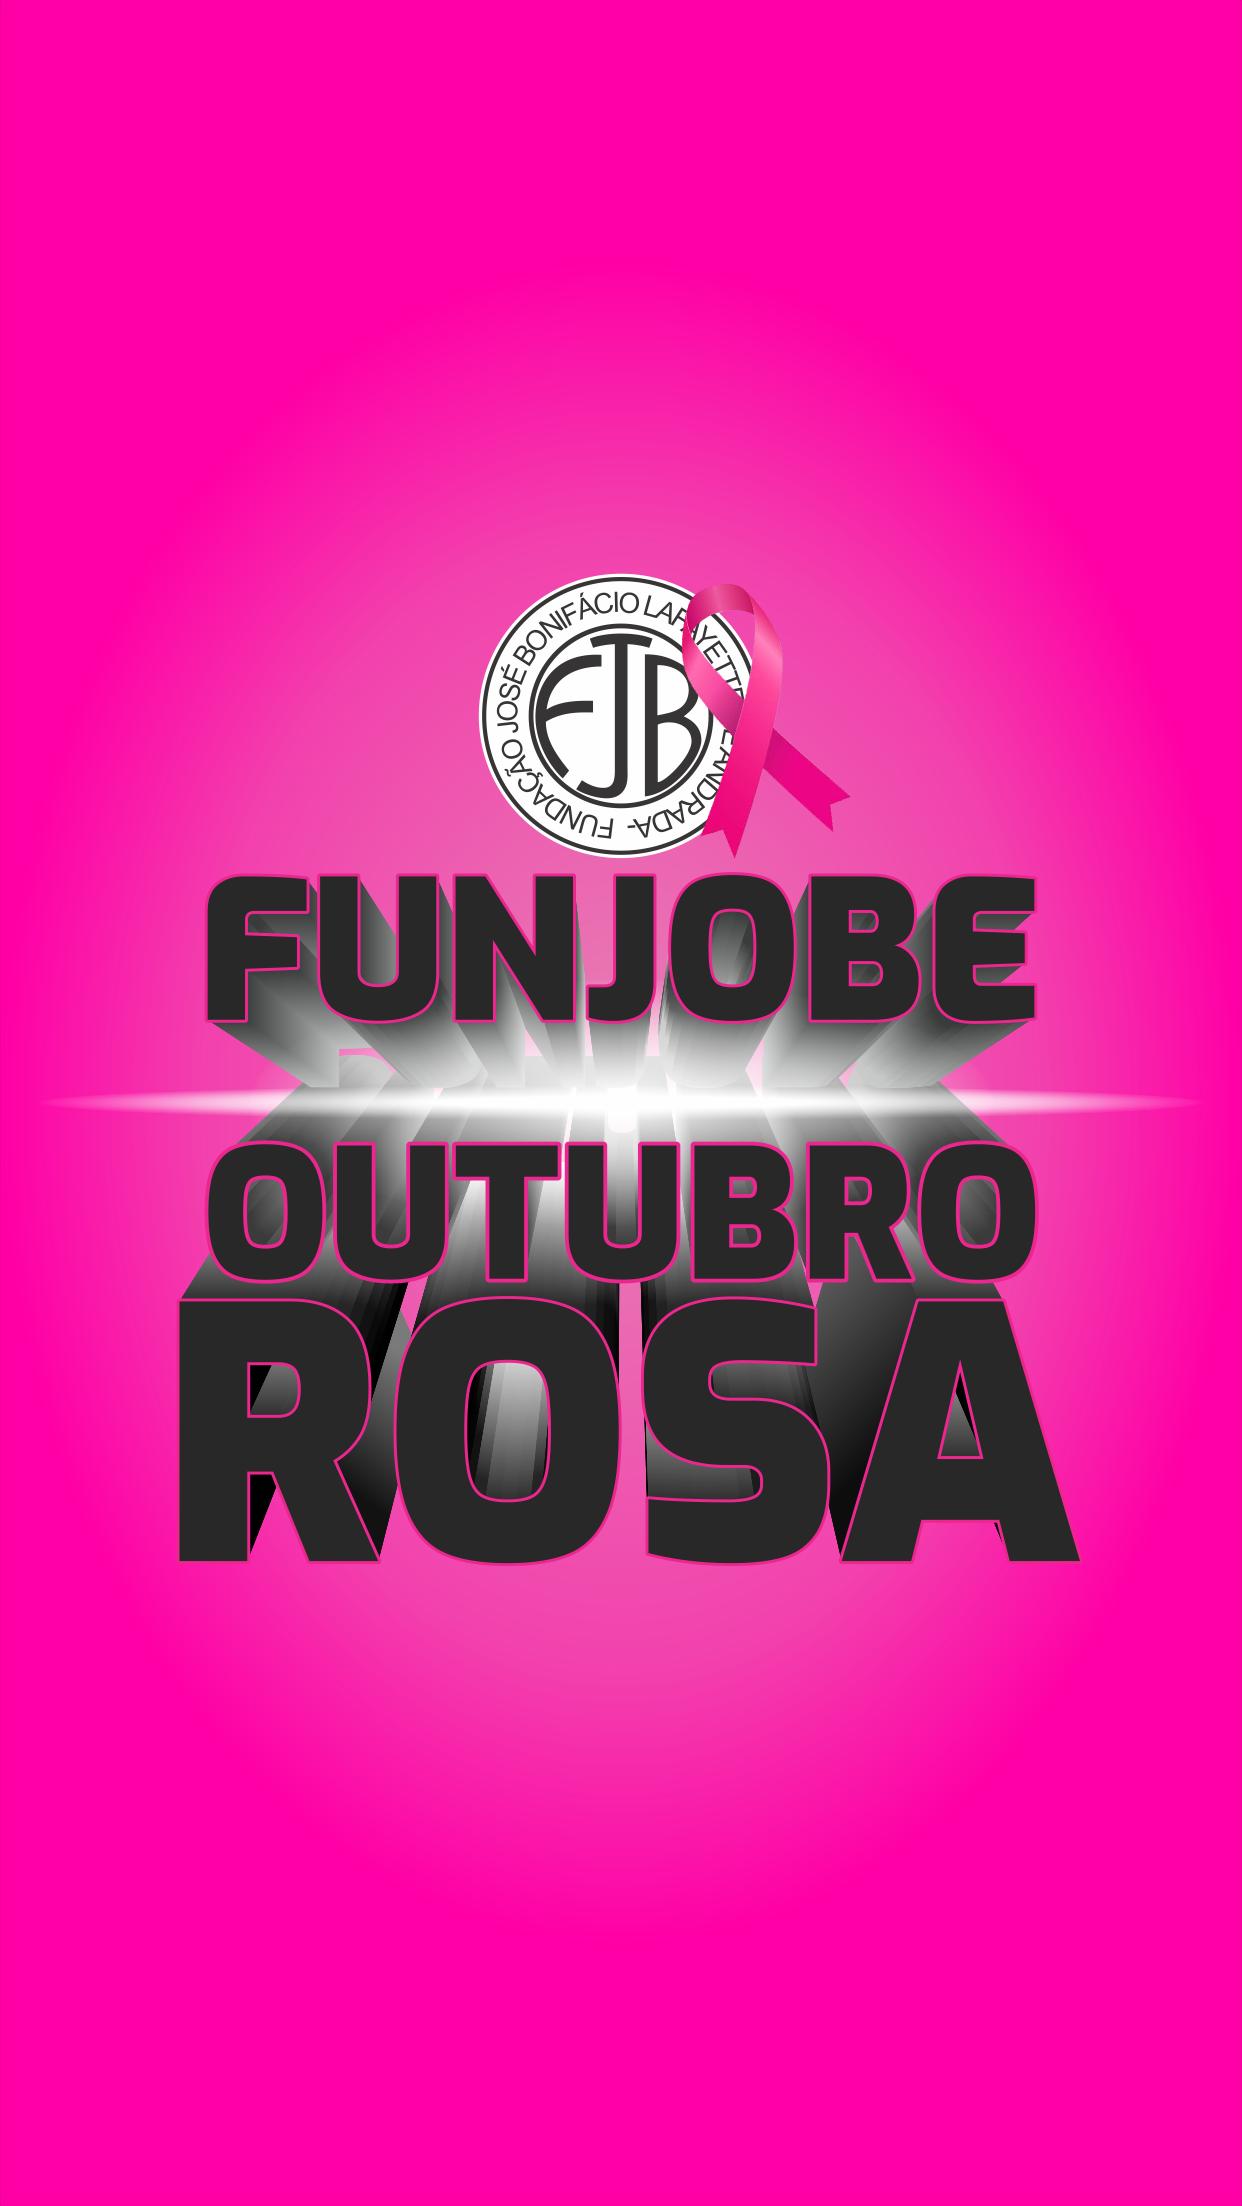 Funjobe Outubro Rosa